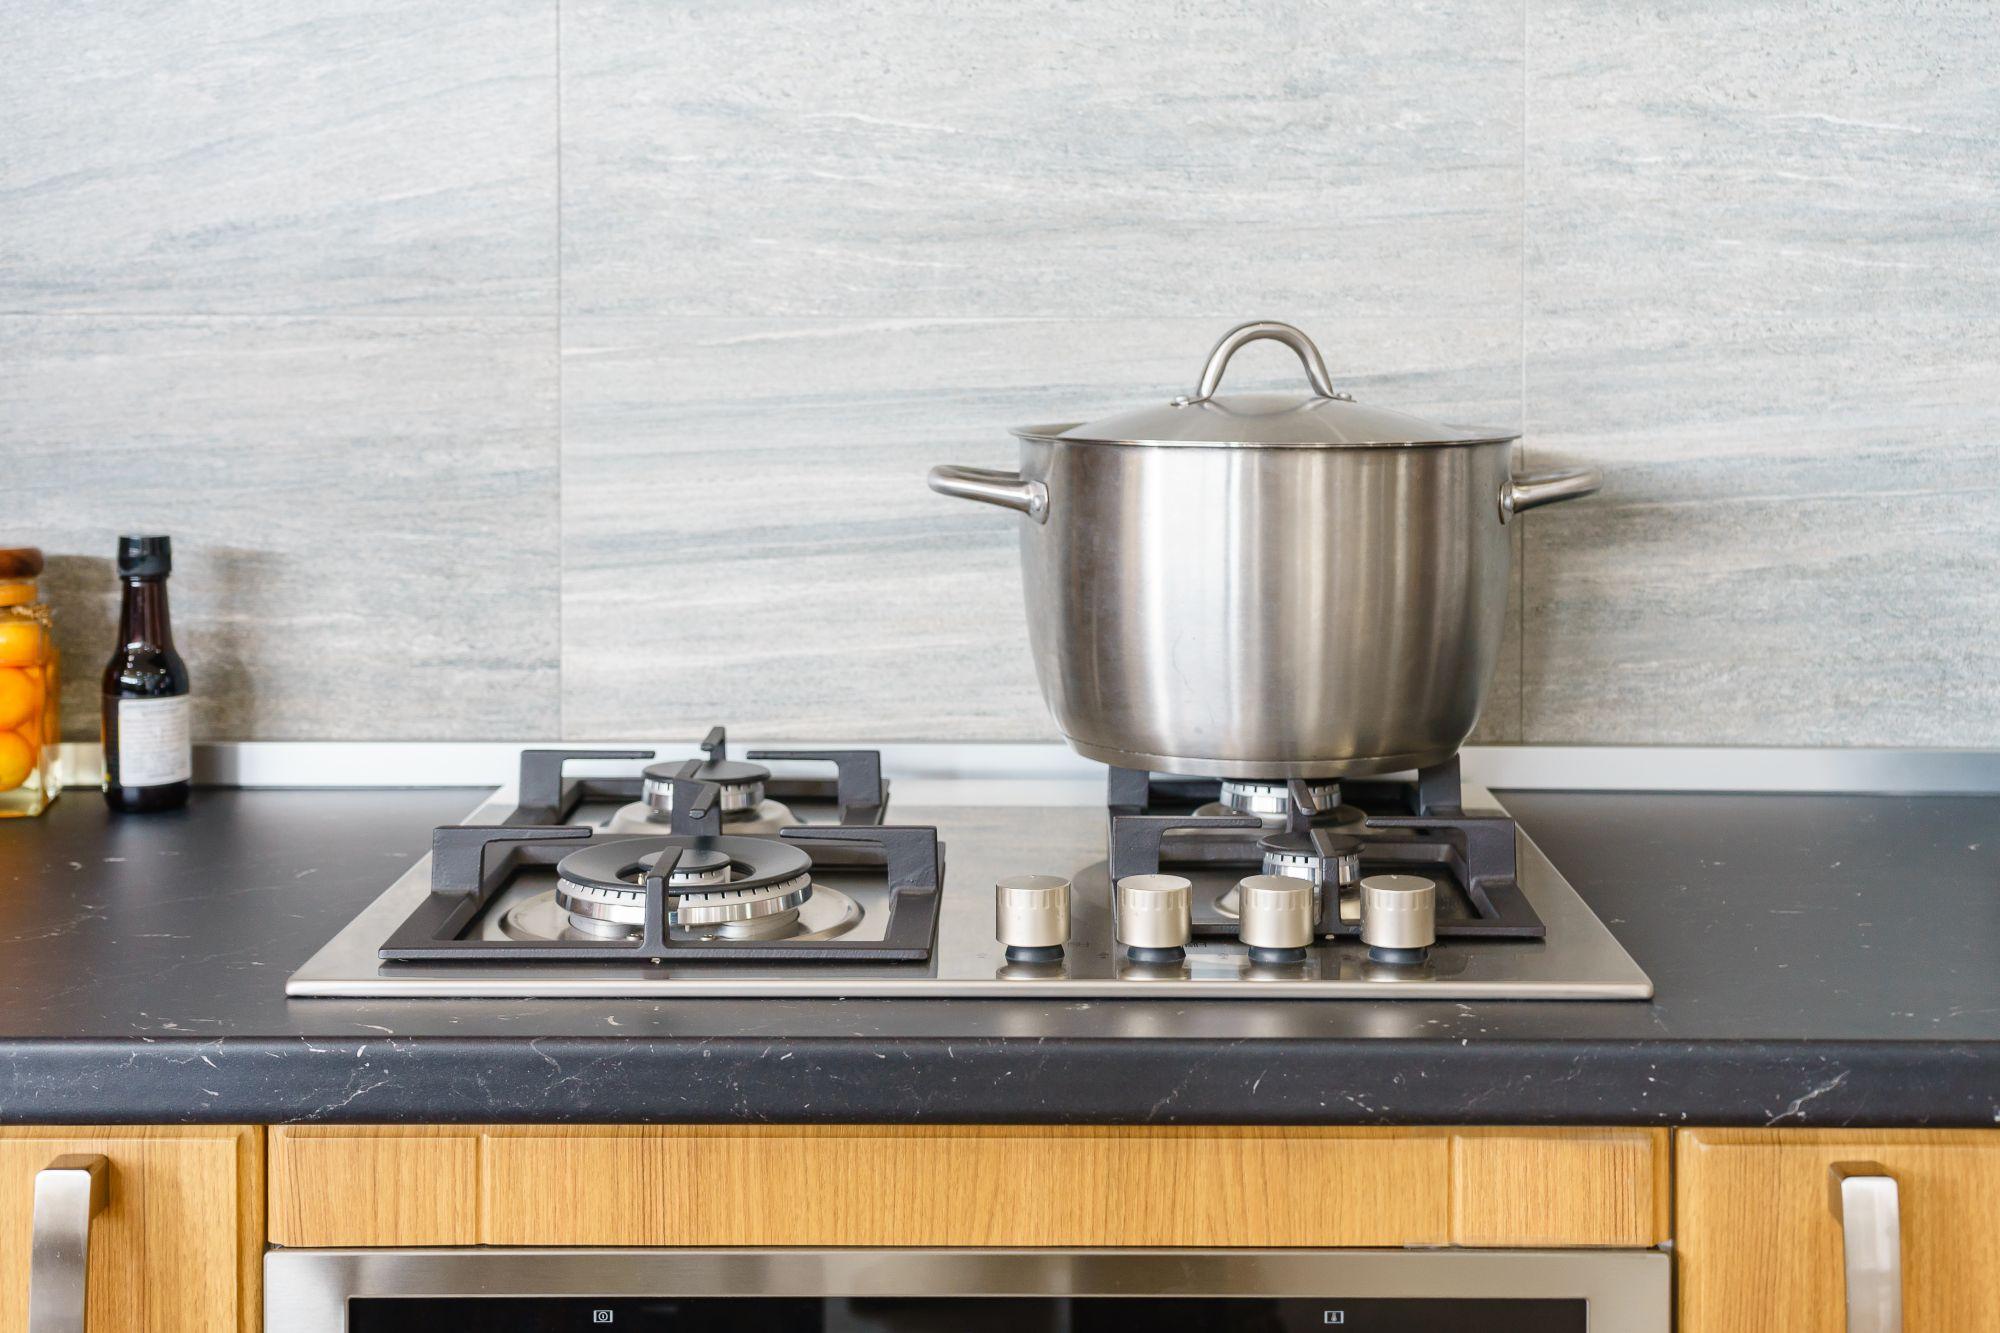 Gáztűzhely modern konyhában